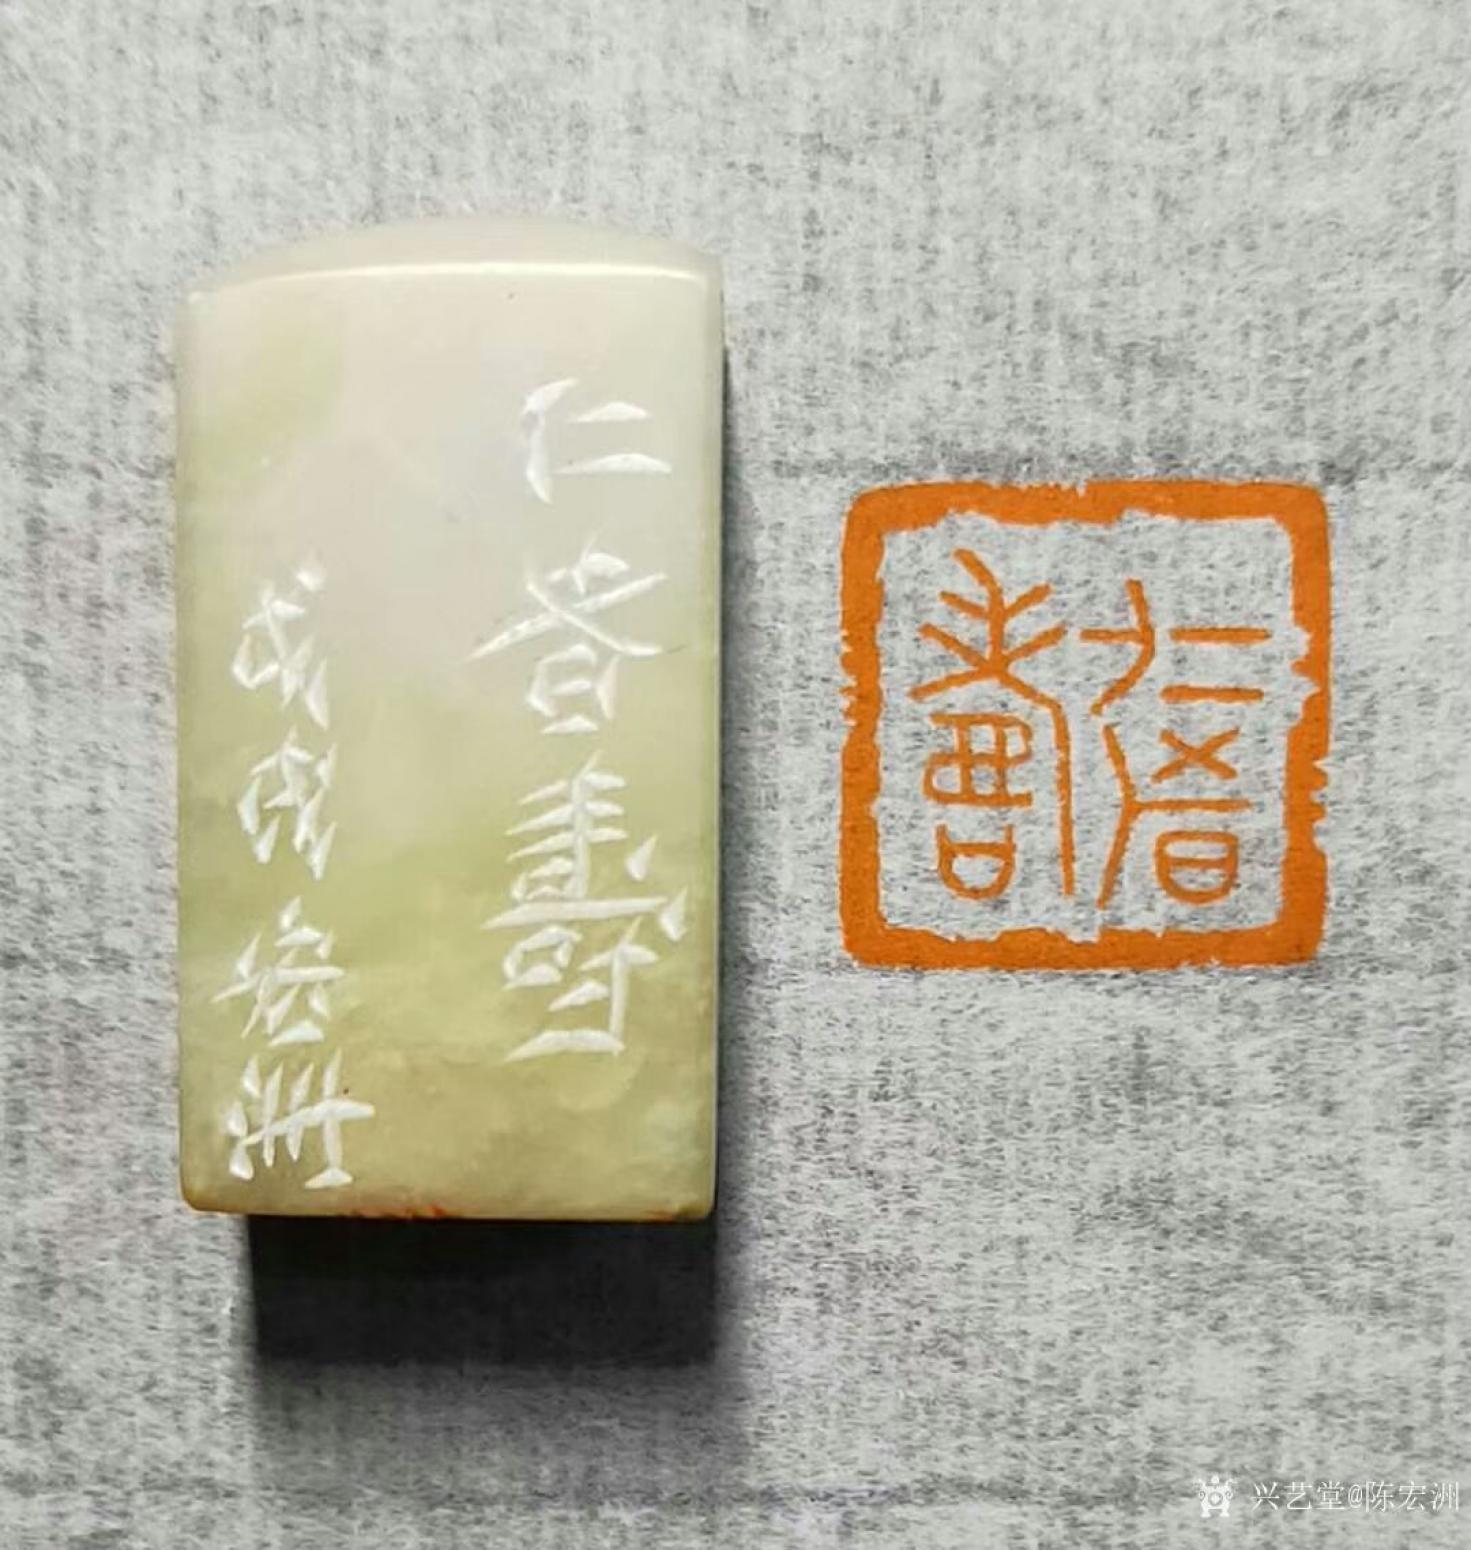 陈宏洲雕刻作品《仁者寿》【图1】